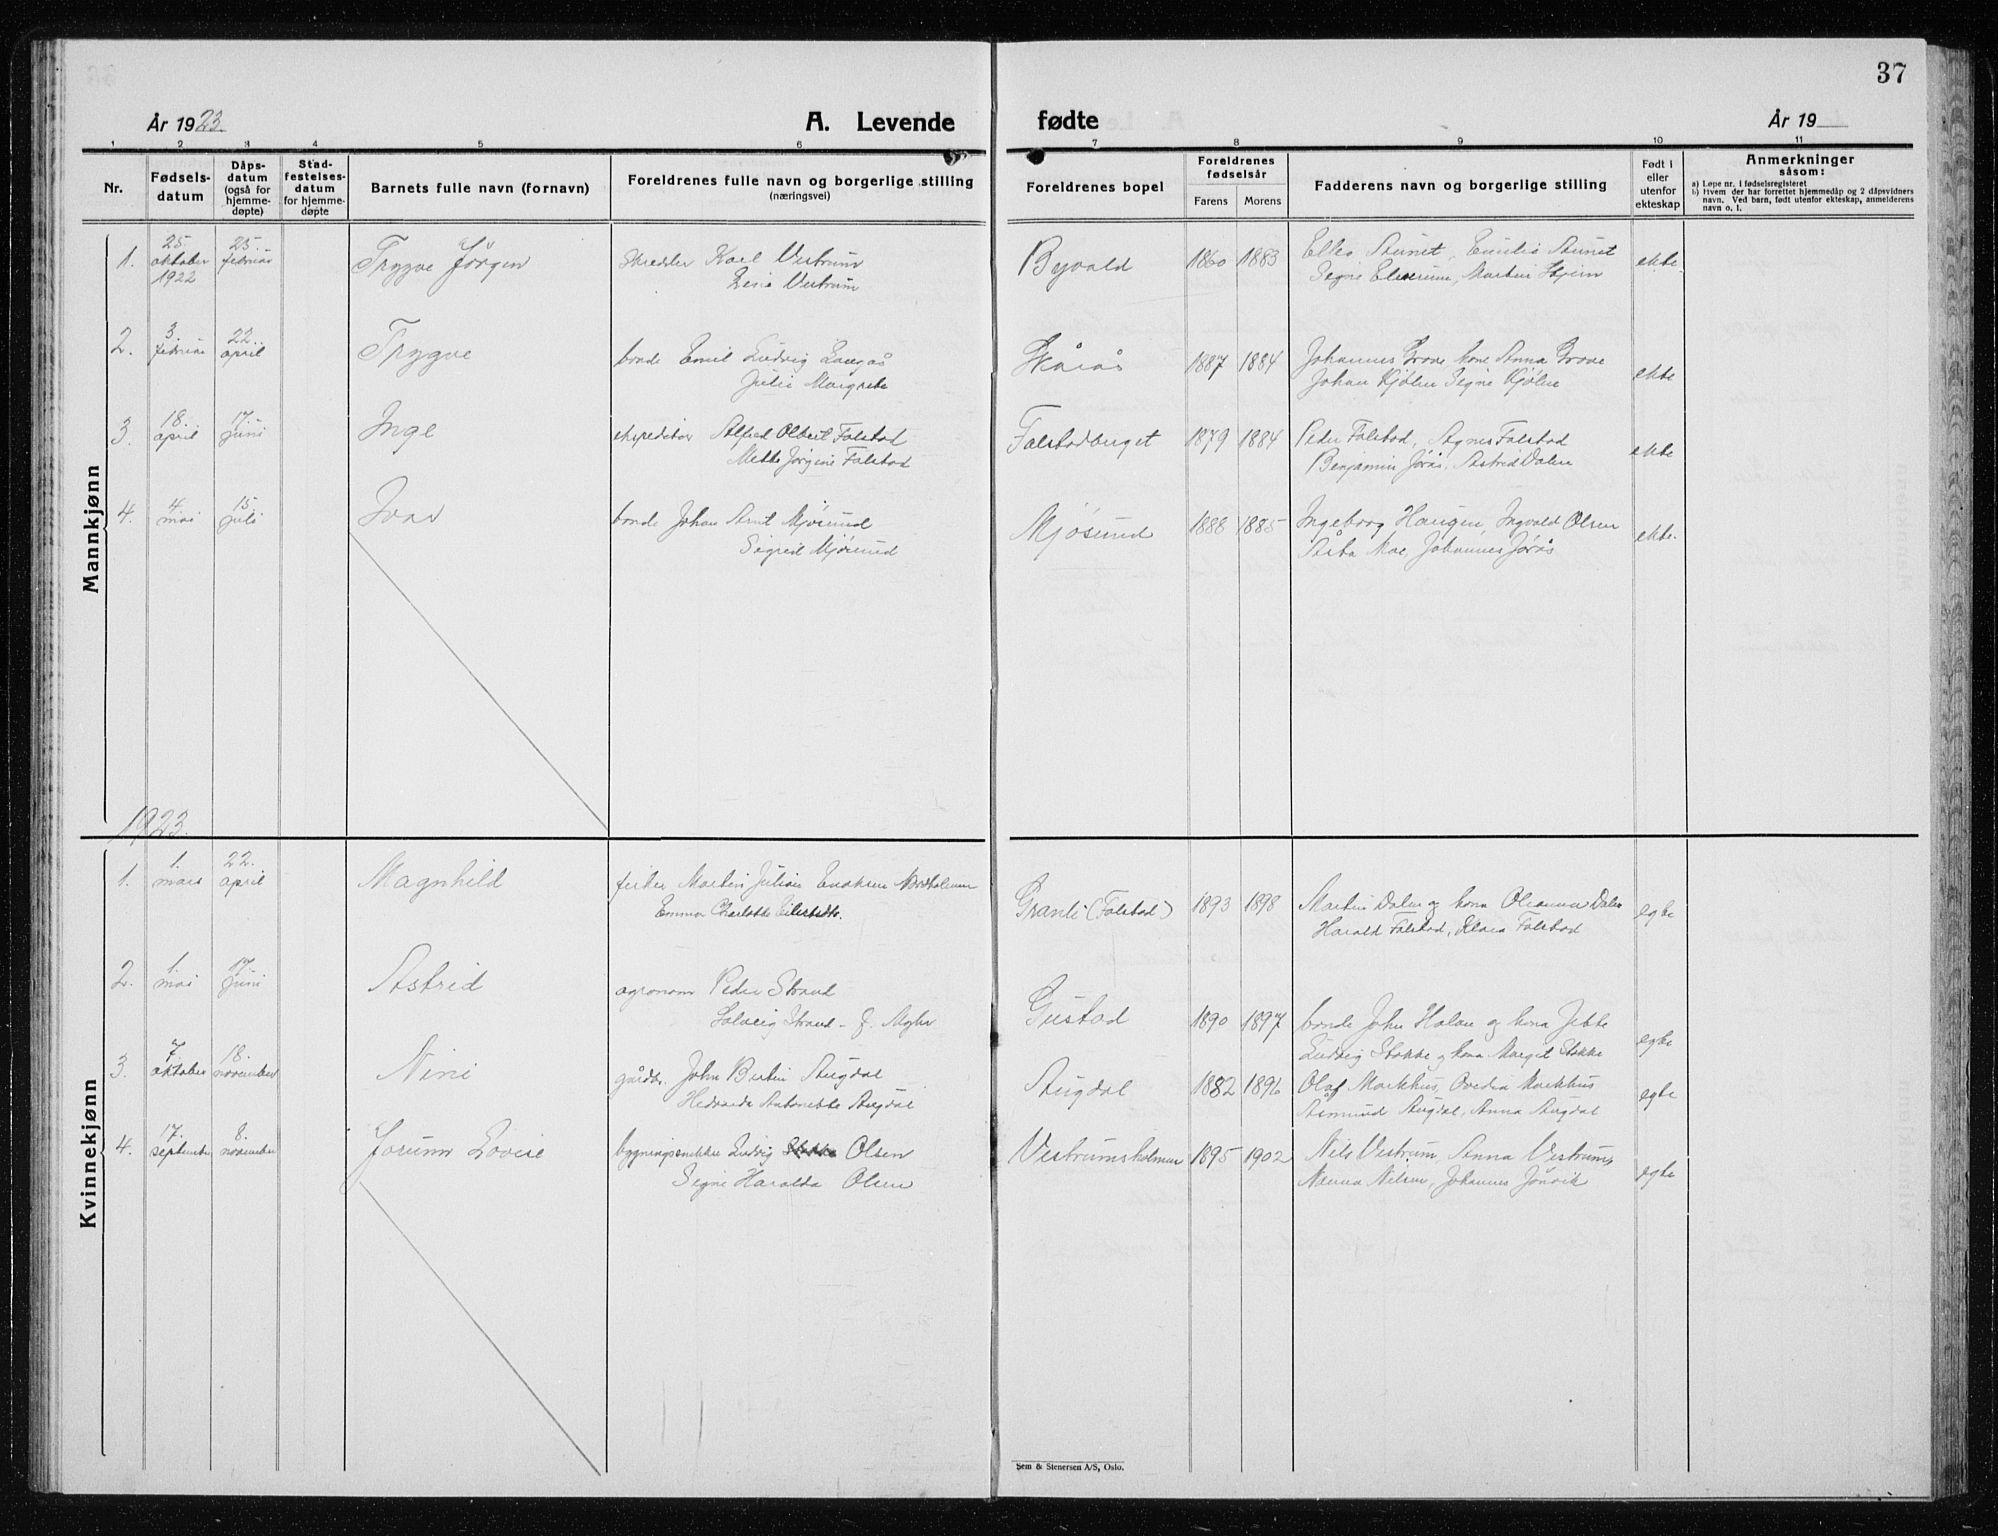 SAT, Ministerialprotokoller, klokkerbøker og fødselsregistre - Nord-Trøndelag, 719/L0180: Klokkerbok nr. 719C01, 1878-1940, s. 37